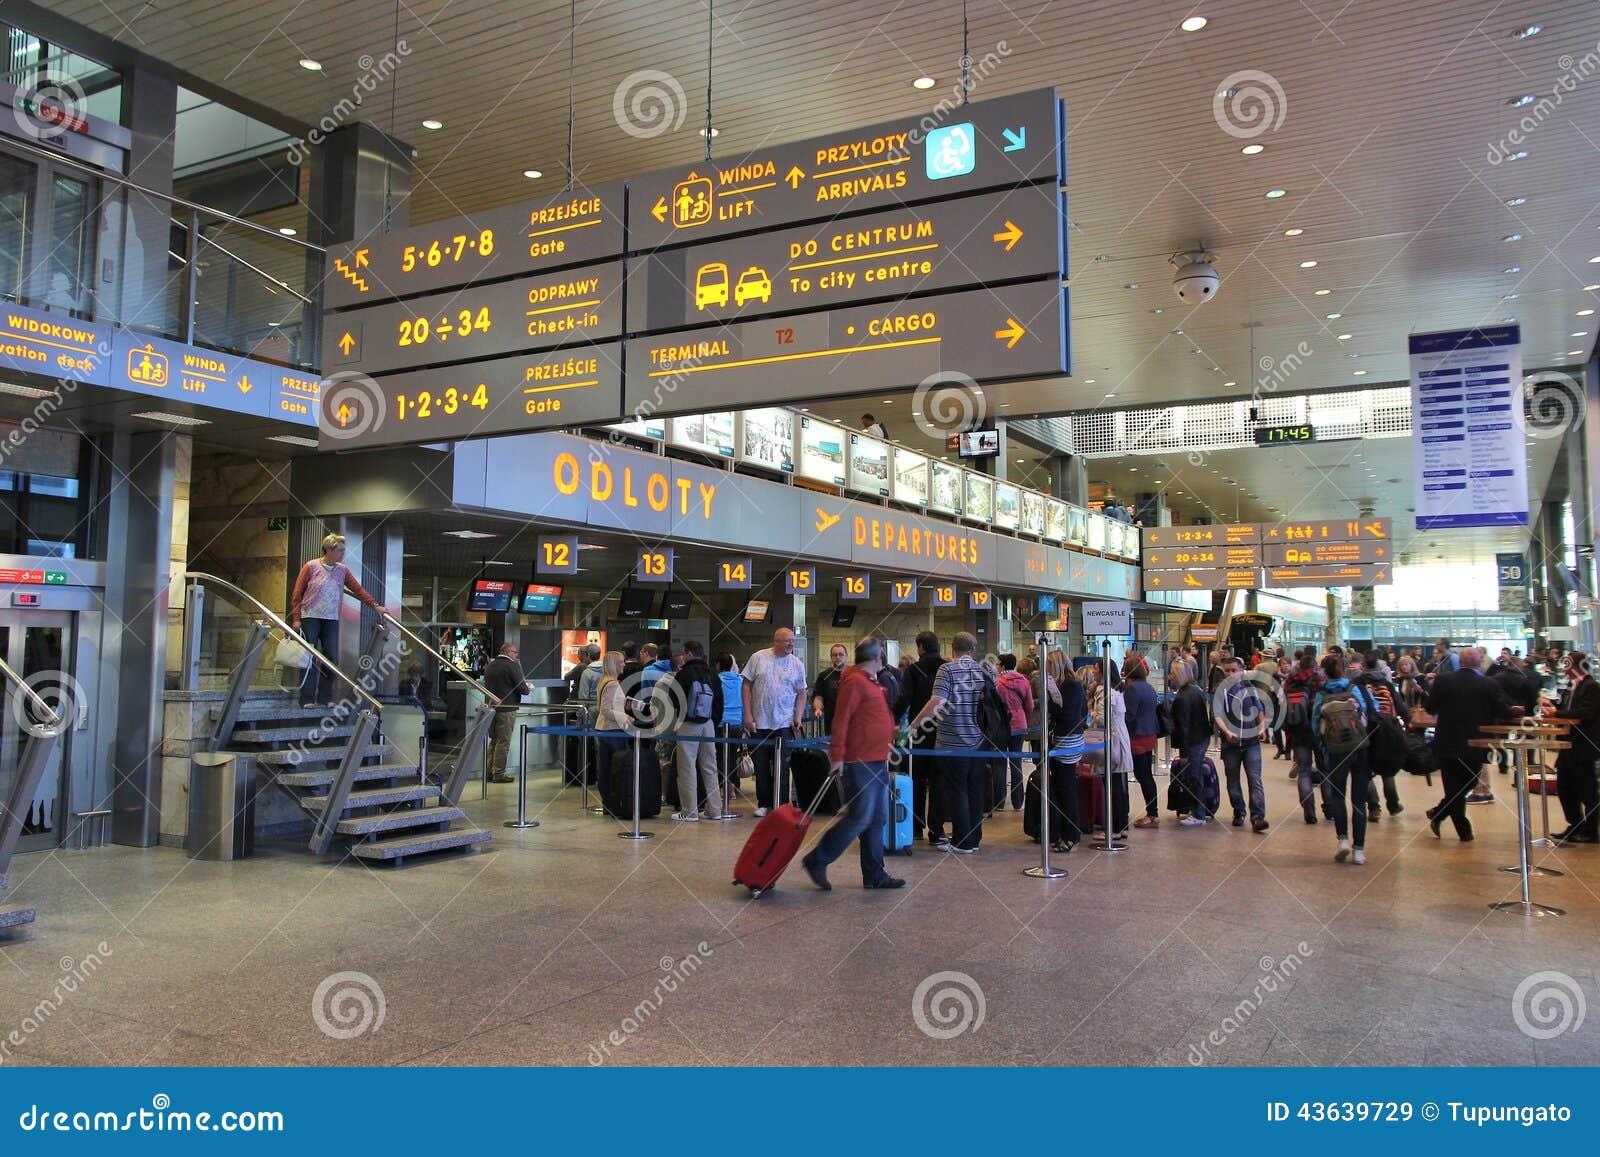 Aeroporto Verona Arrivi : Aeroporto di cracovia immagine stock editoriale